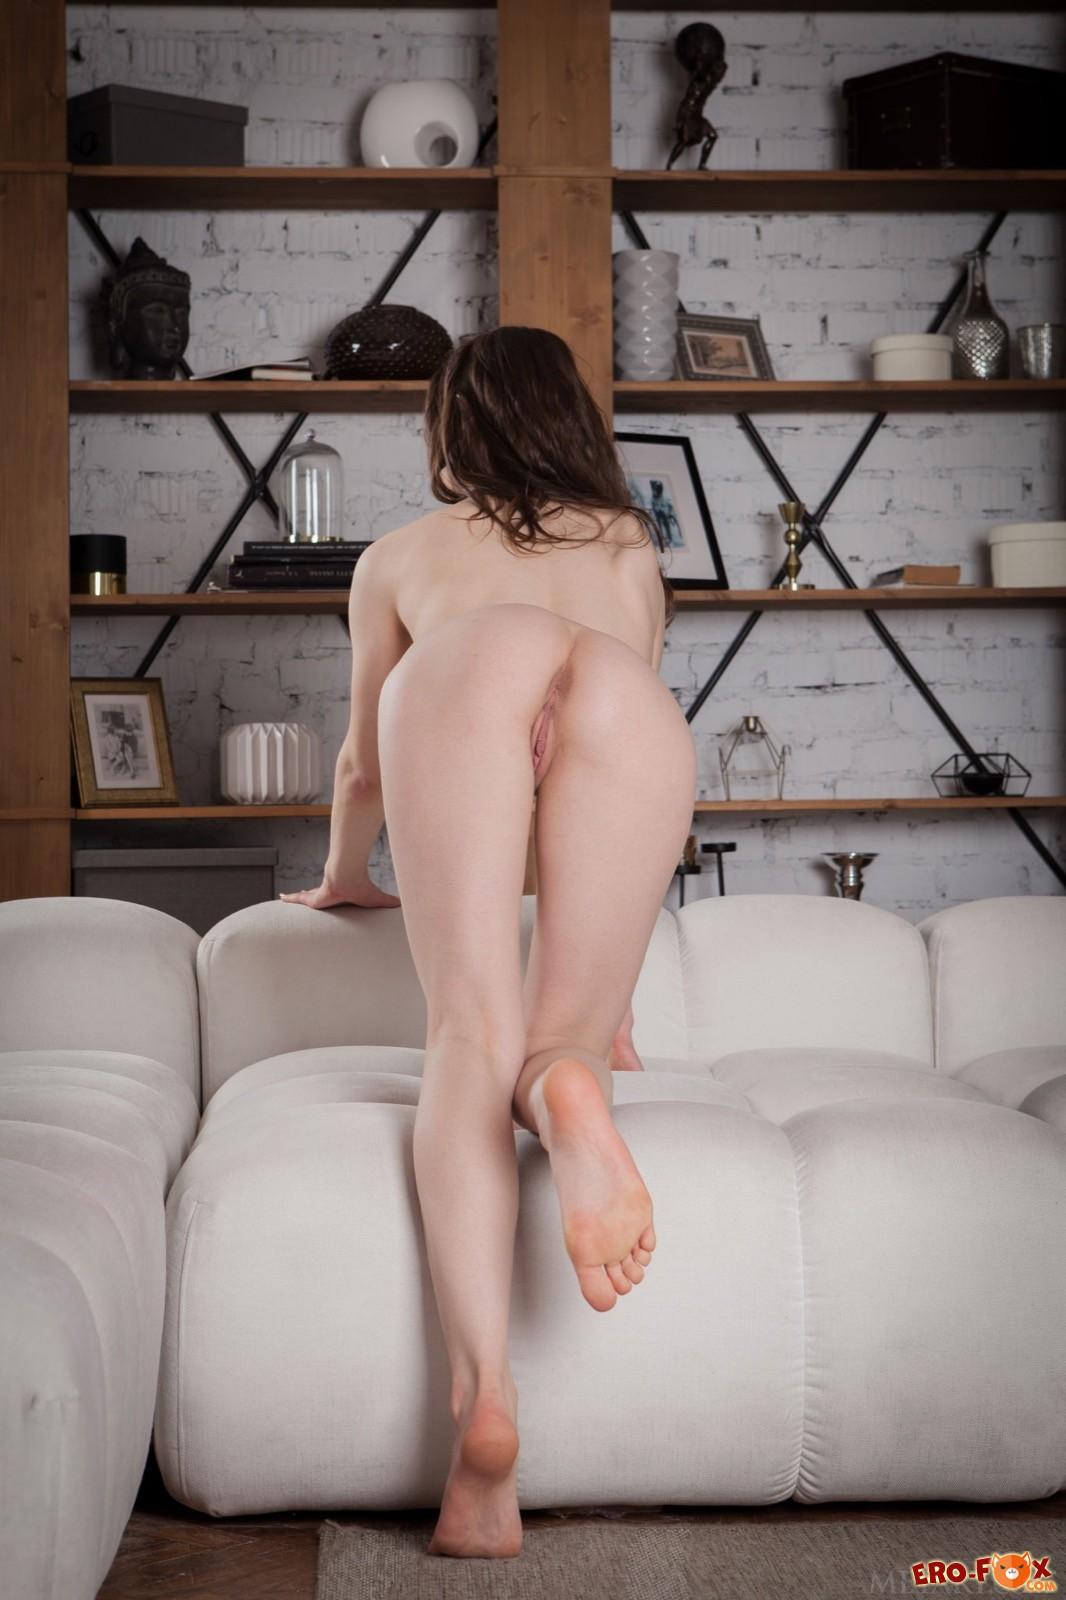 Нагая девка засвечивает сочную попку и большую грудь - фото